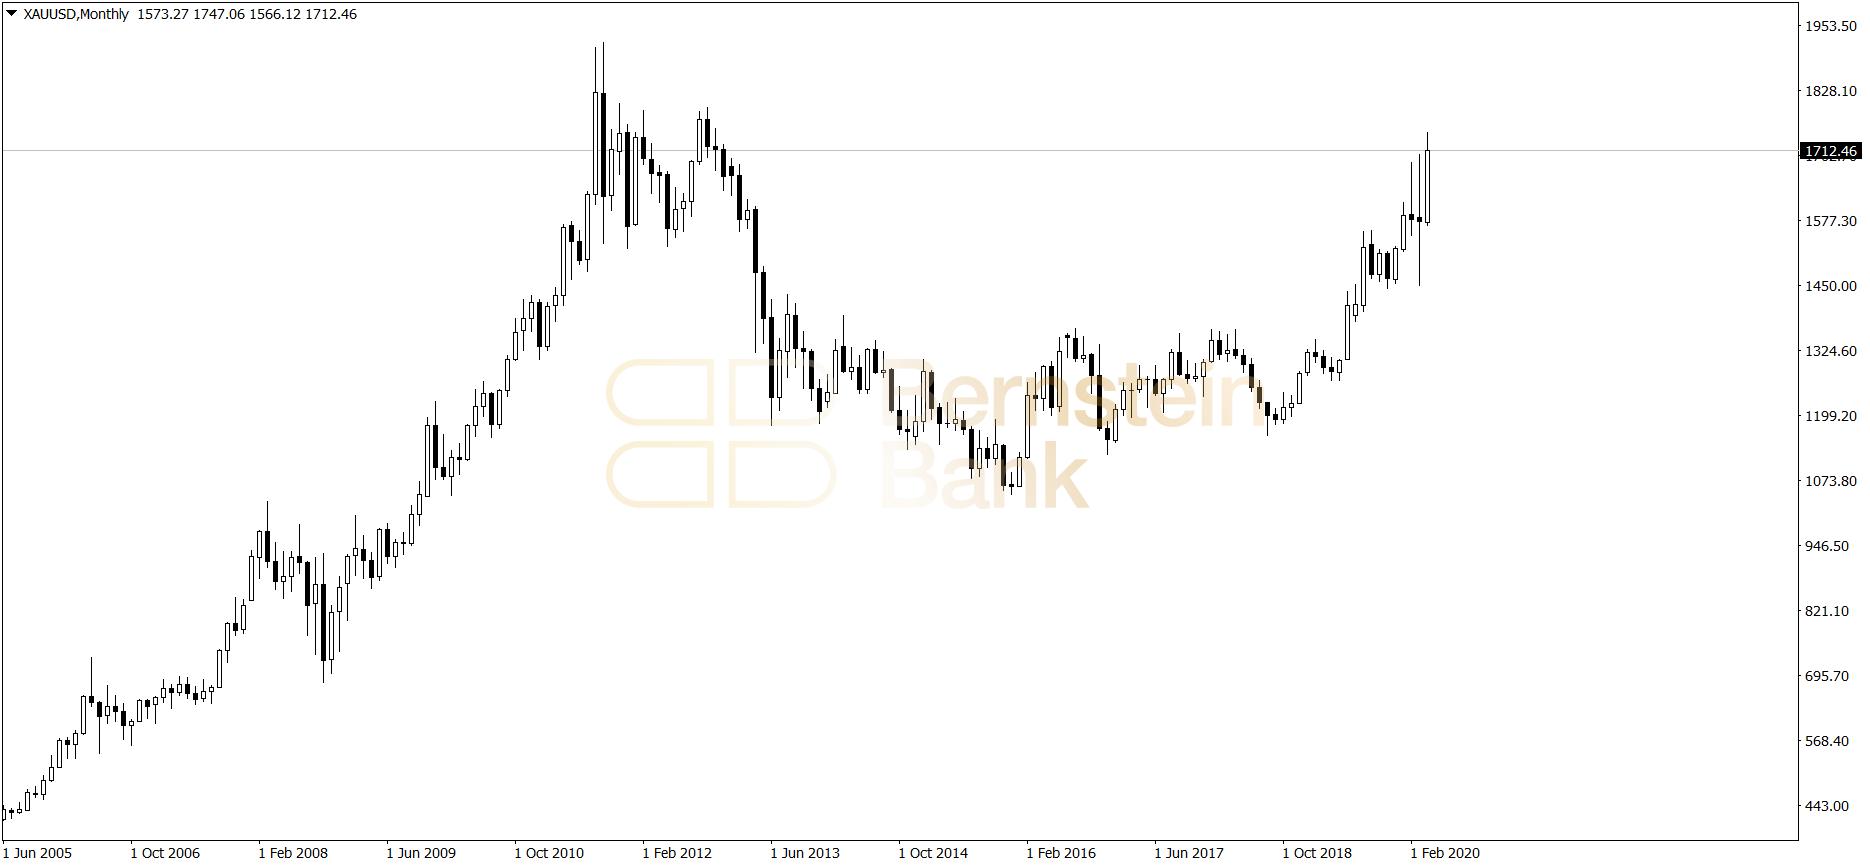 złoto - wykres miesięczny 30.04.2020